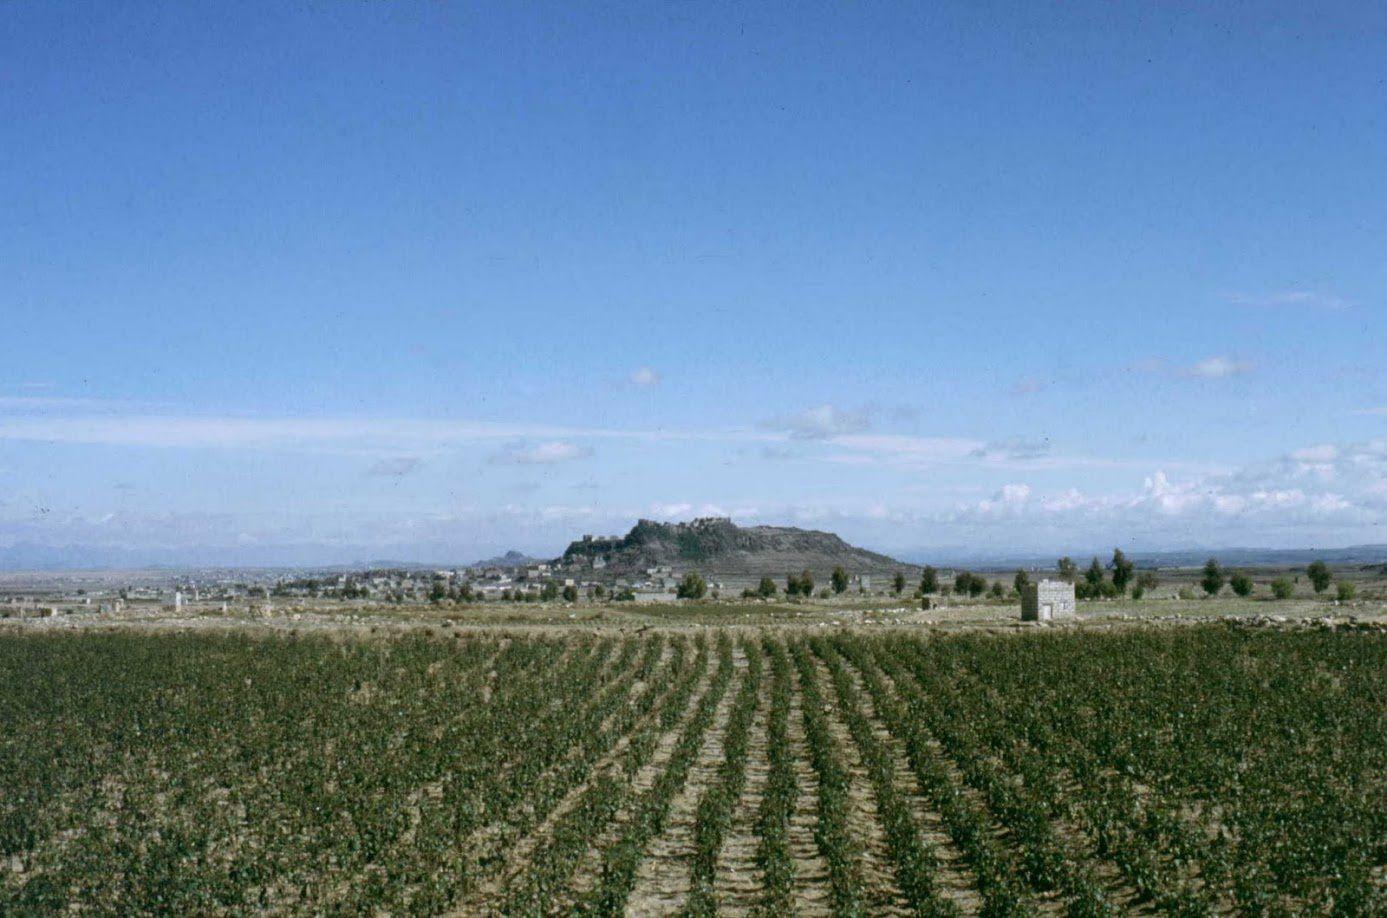 Plantation de khat